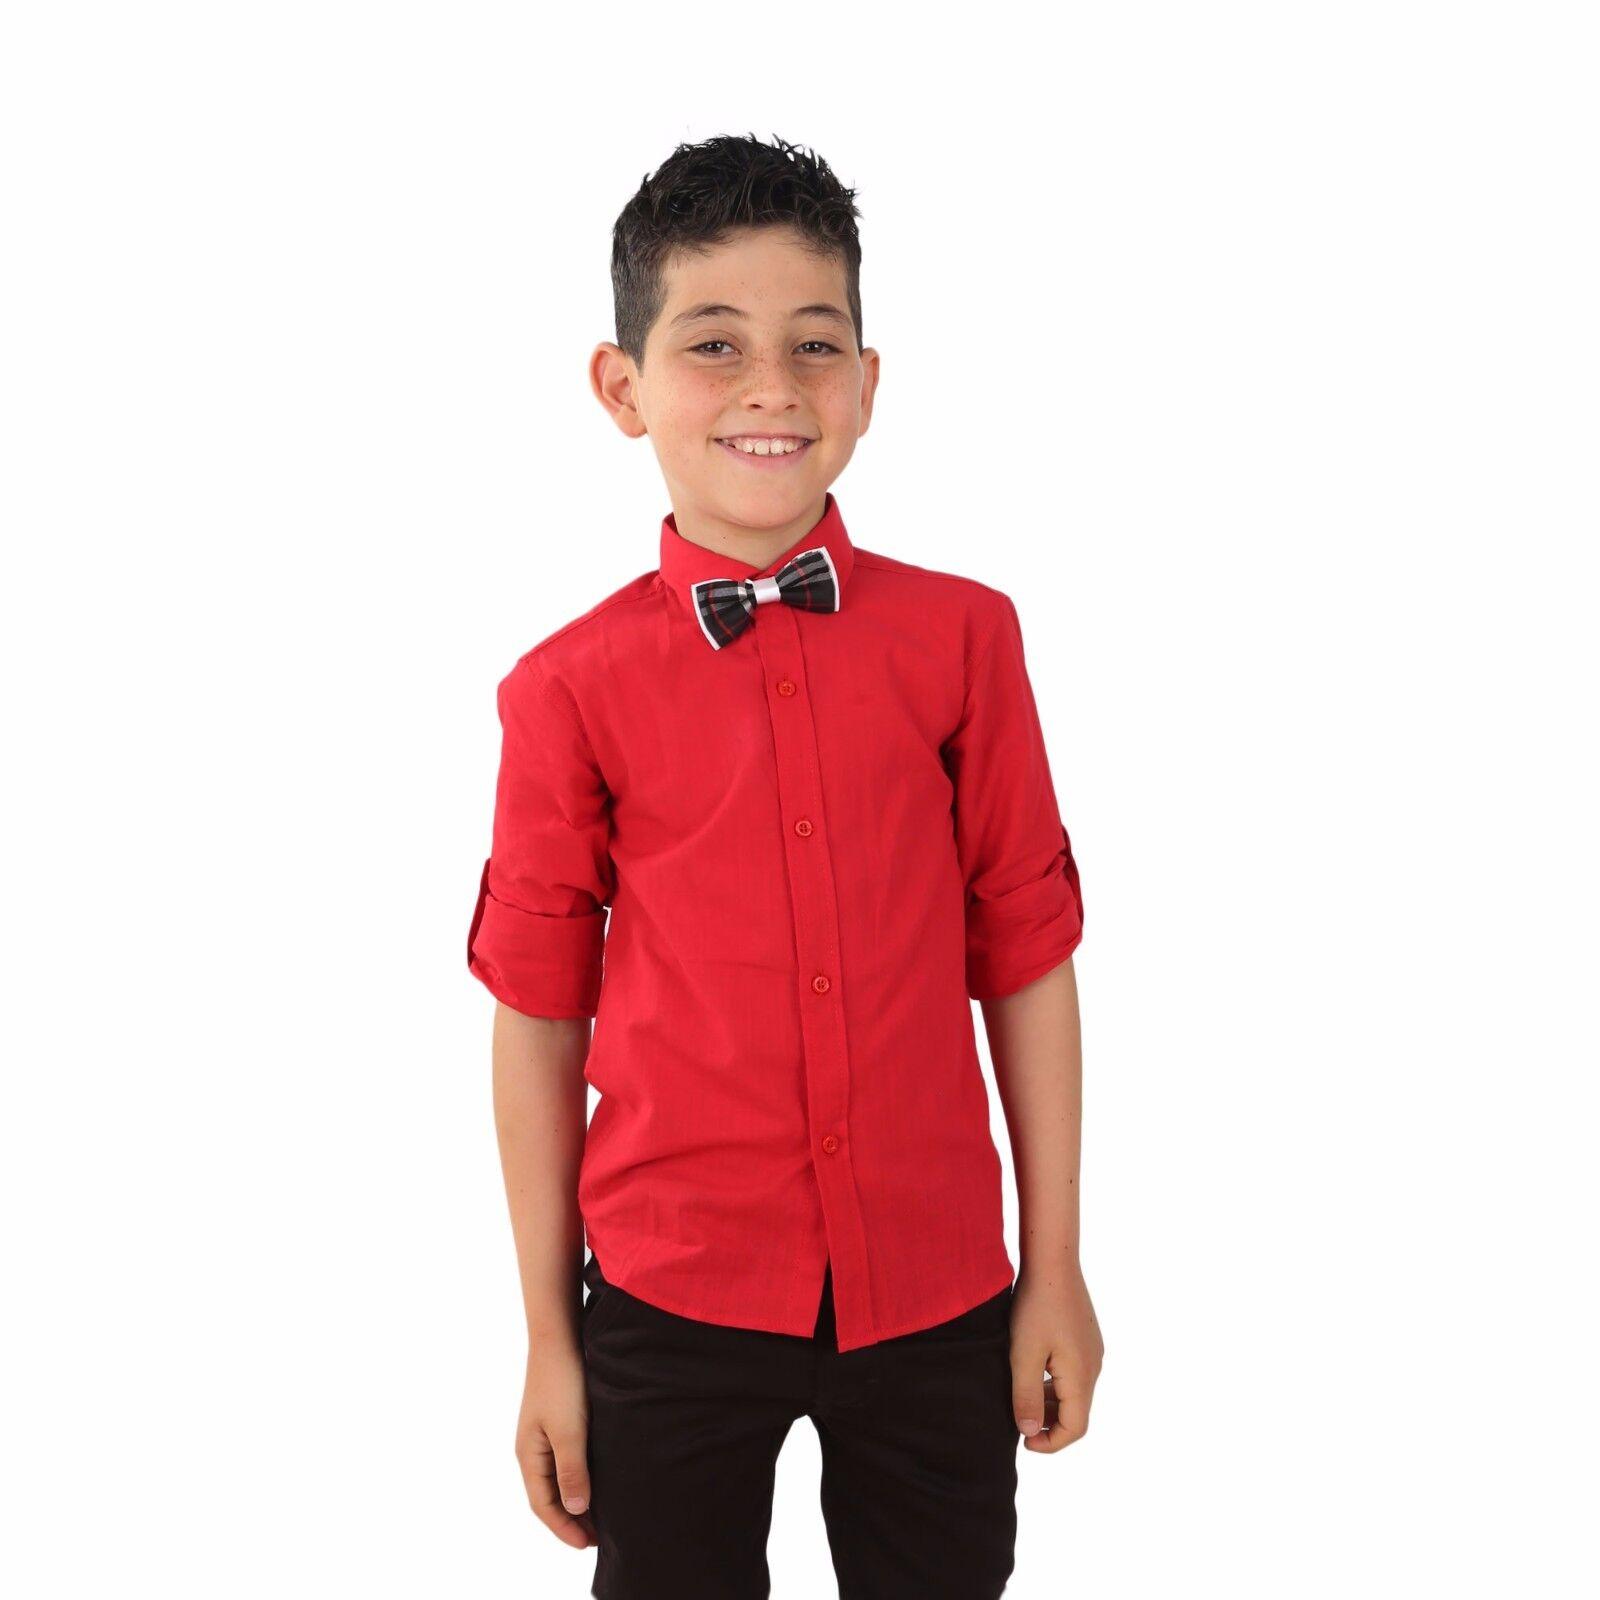 f4843460cf7 Details about Boys Linen Red Shirts Kids Summer Long Sleeve Shirts Roll Up  Sleeve Boy Shirt